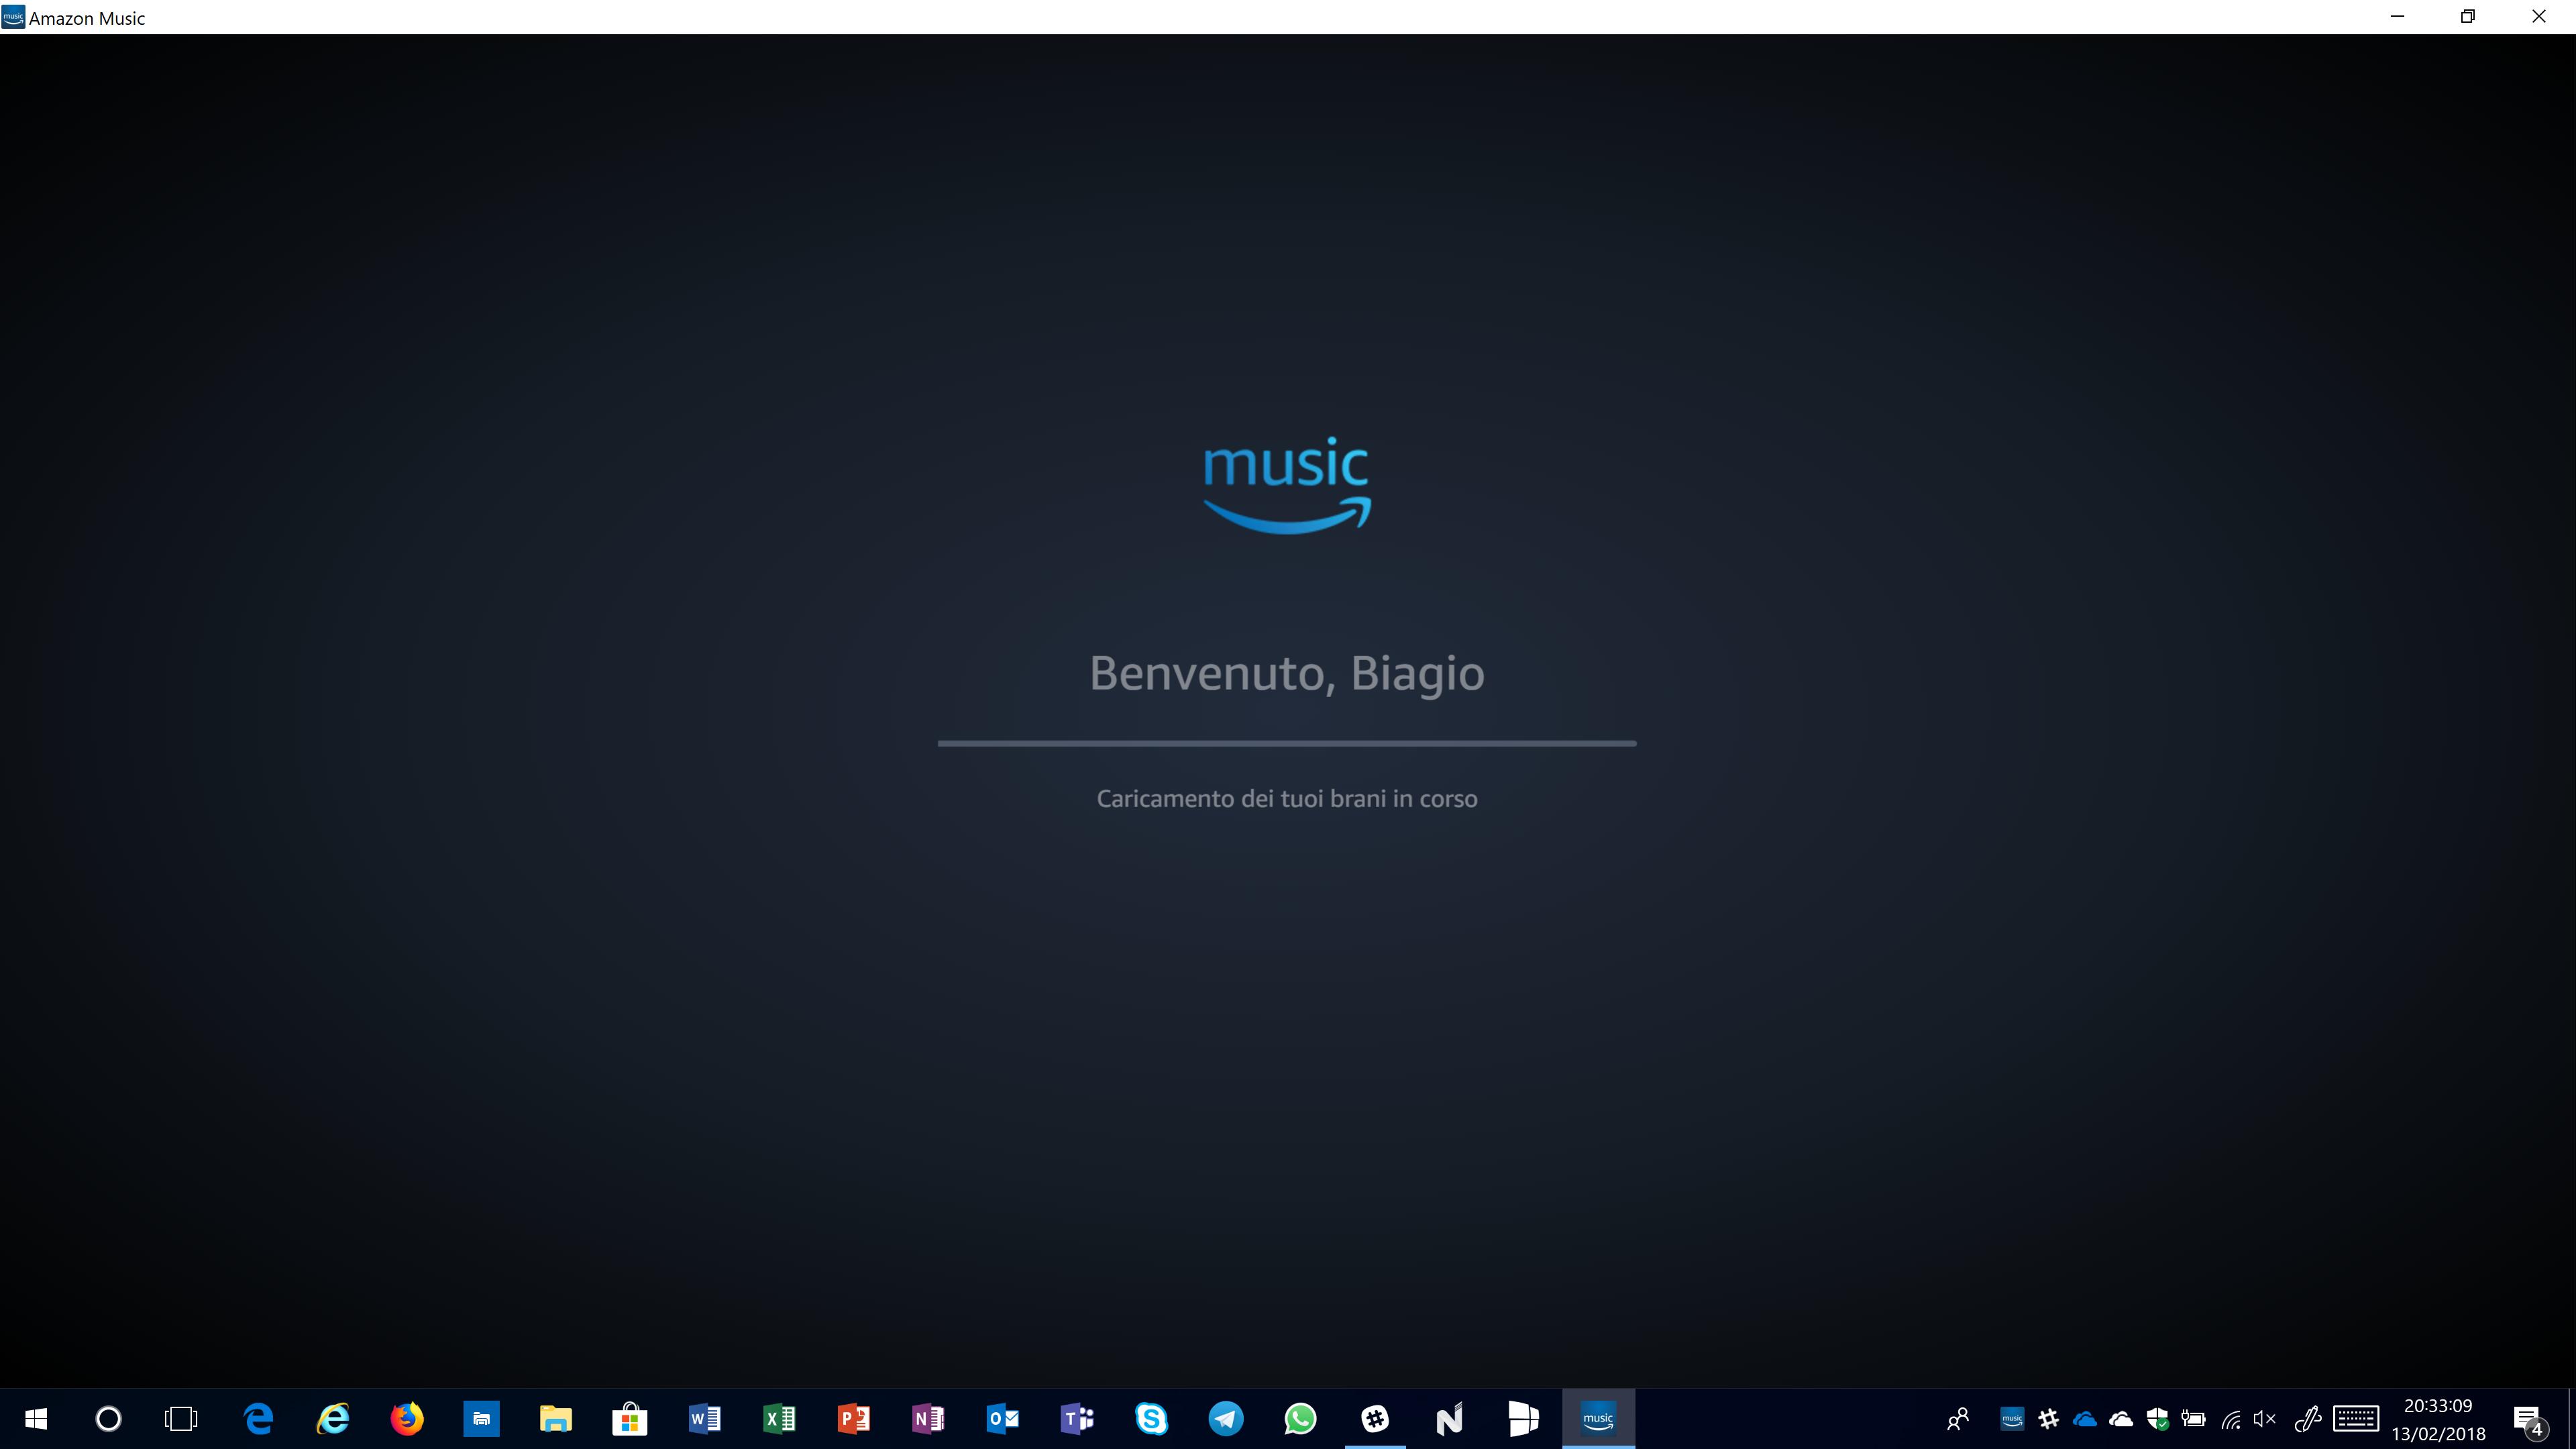 Download Amazon Music + 40 ore di musica gratis con Amazon